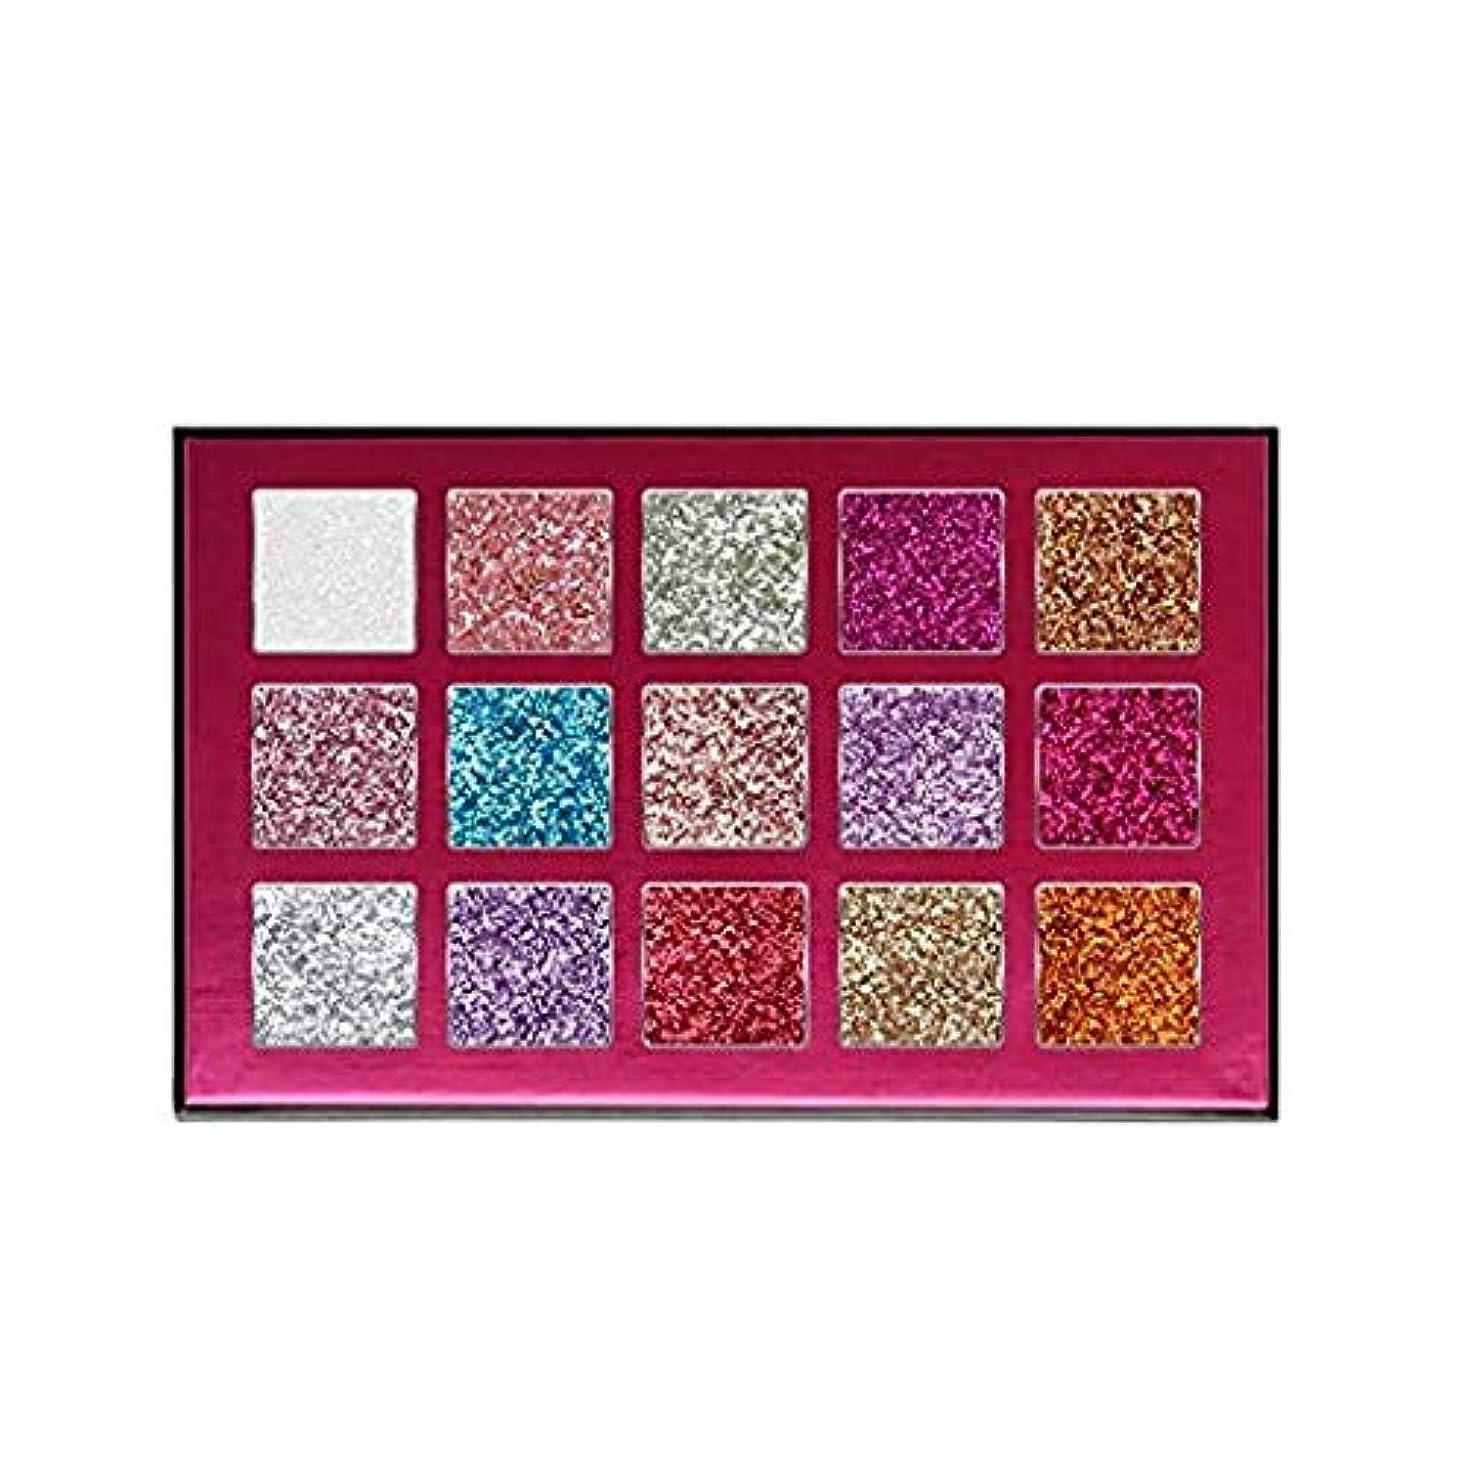 組み合わせ換気する保安アイシャドウパレット、15色永続的なダイヤモンド防水アートメイクアップアイシャドウパレット化粧道具 (3)